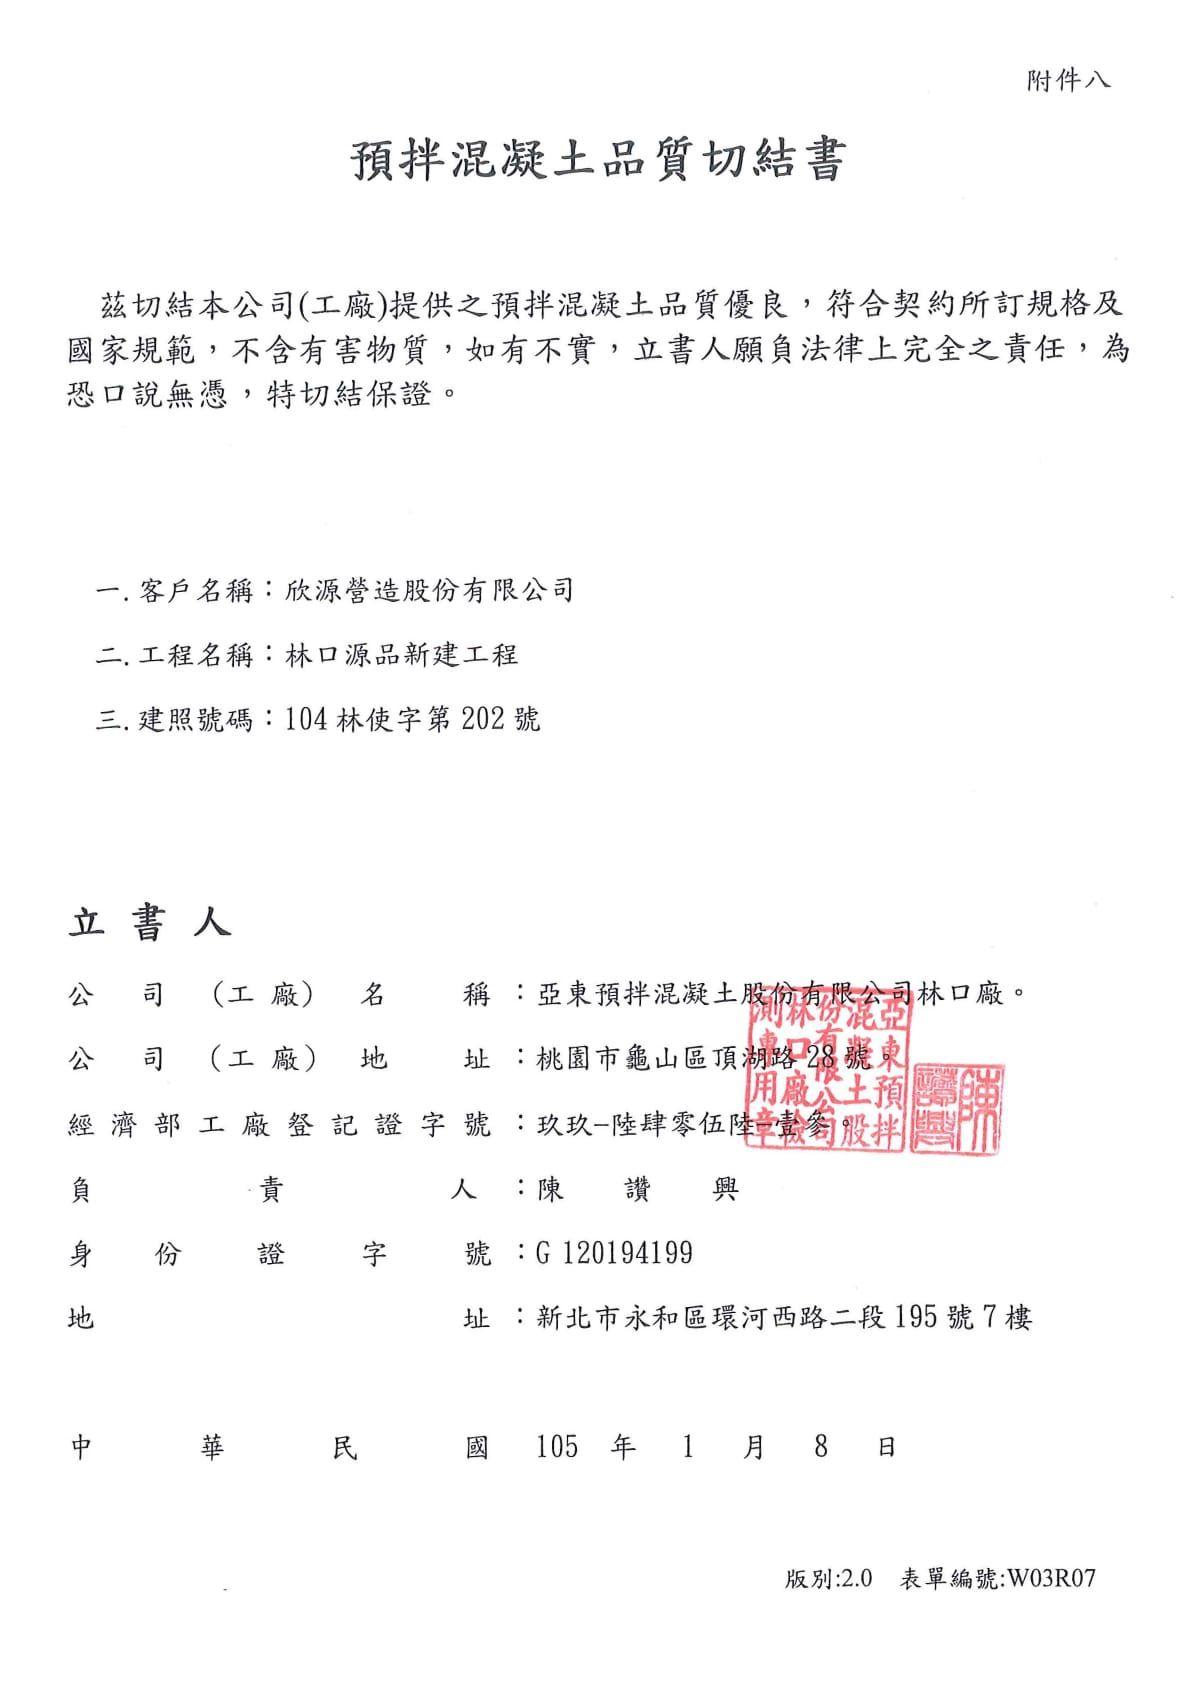 混凝土品質保證書